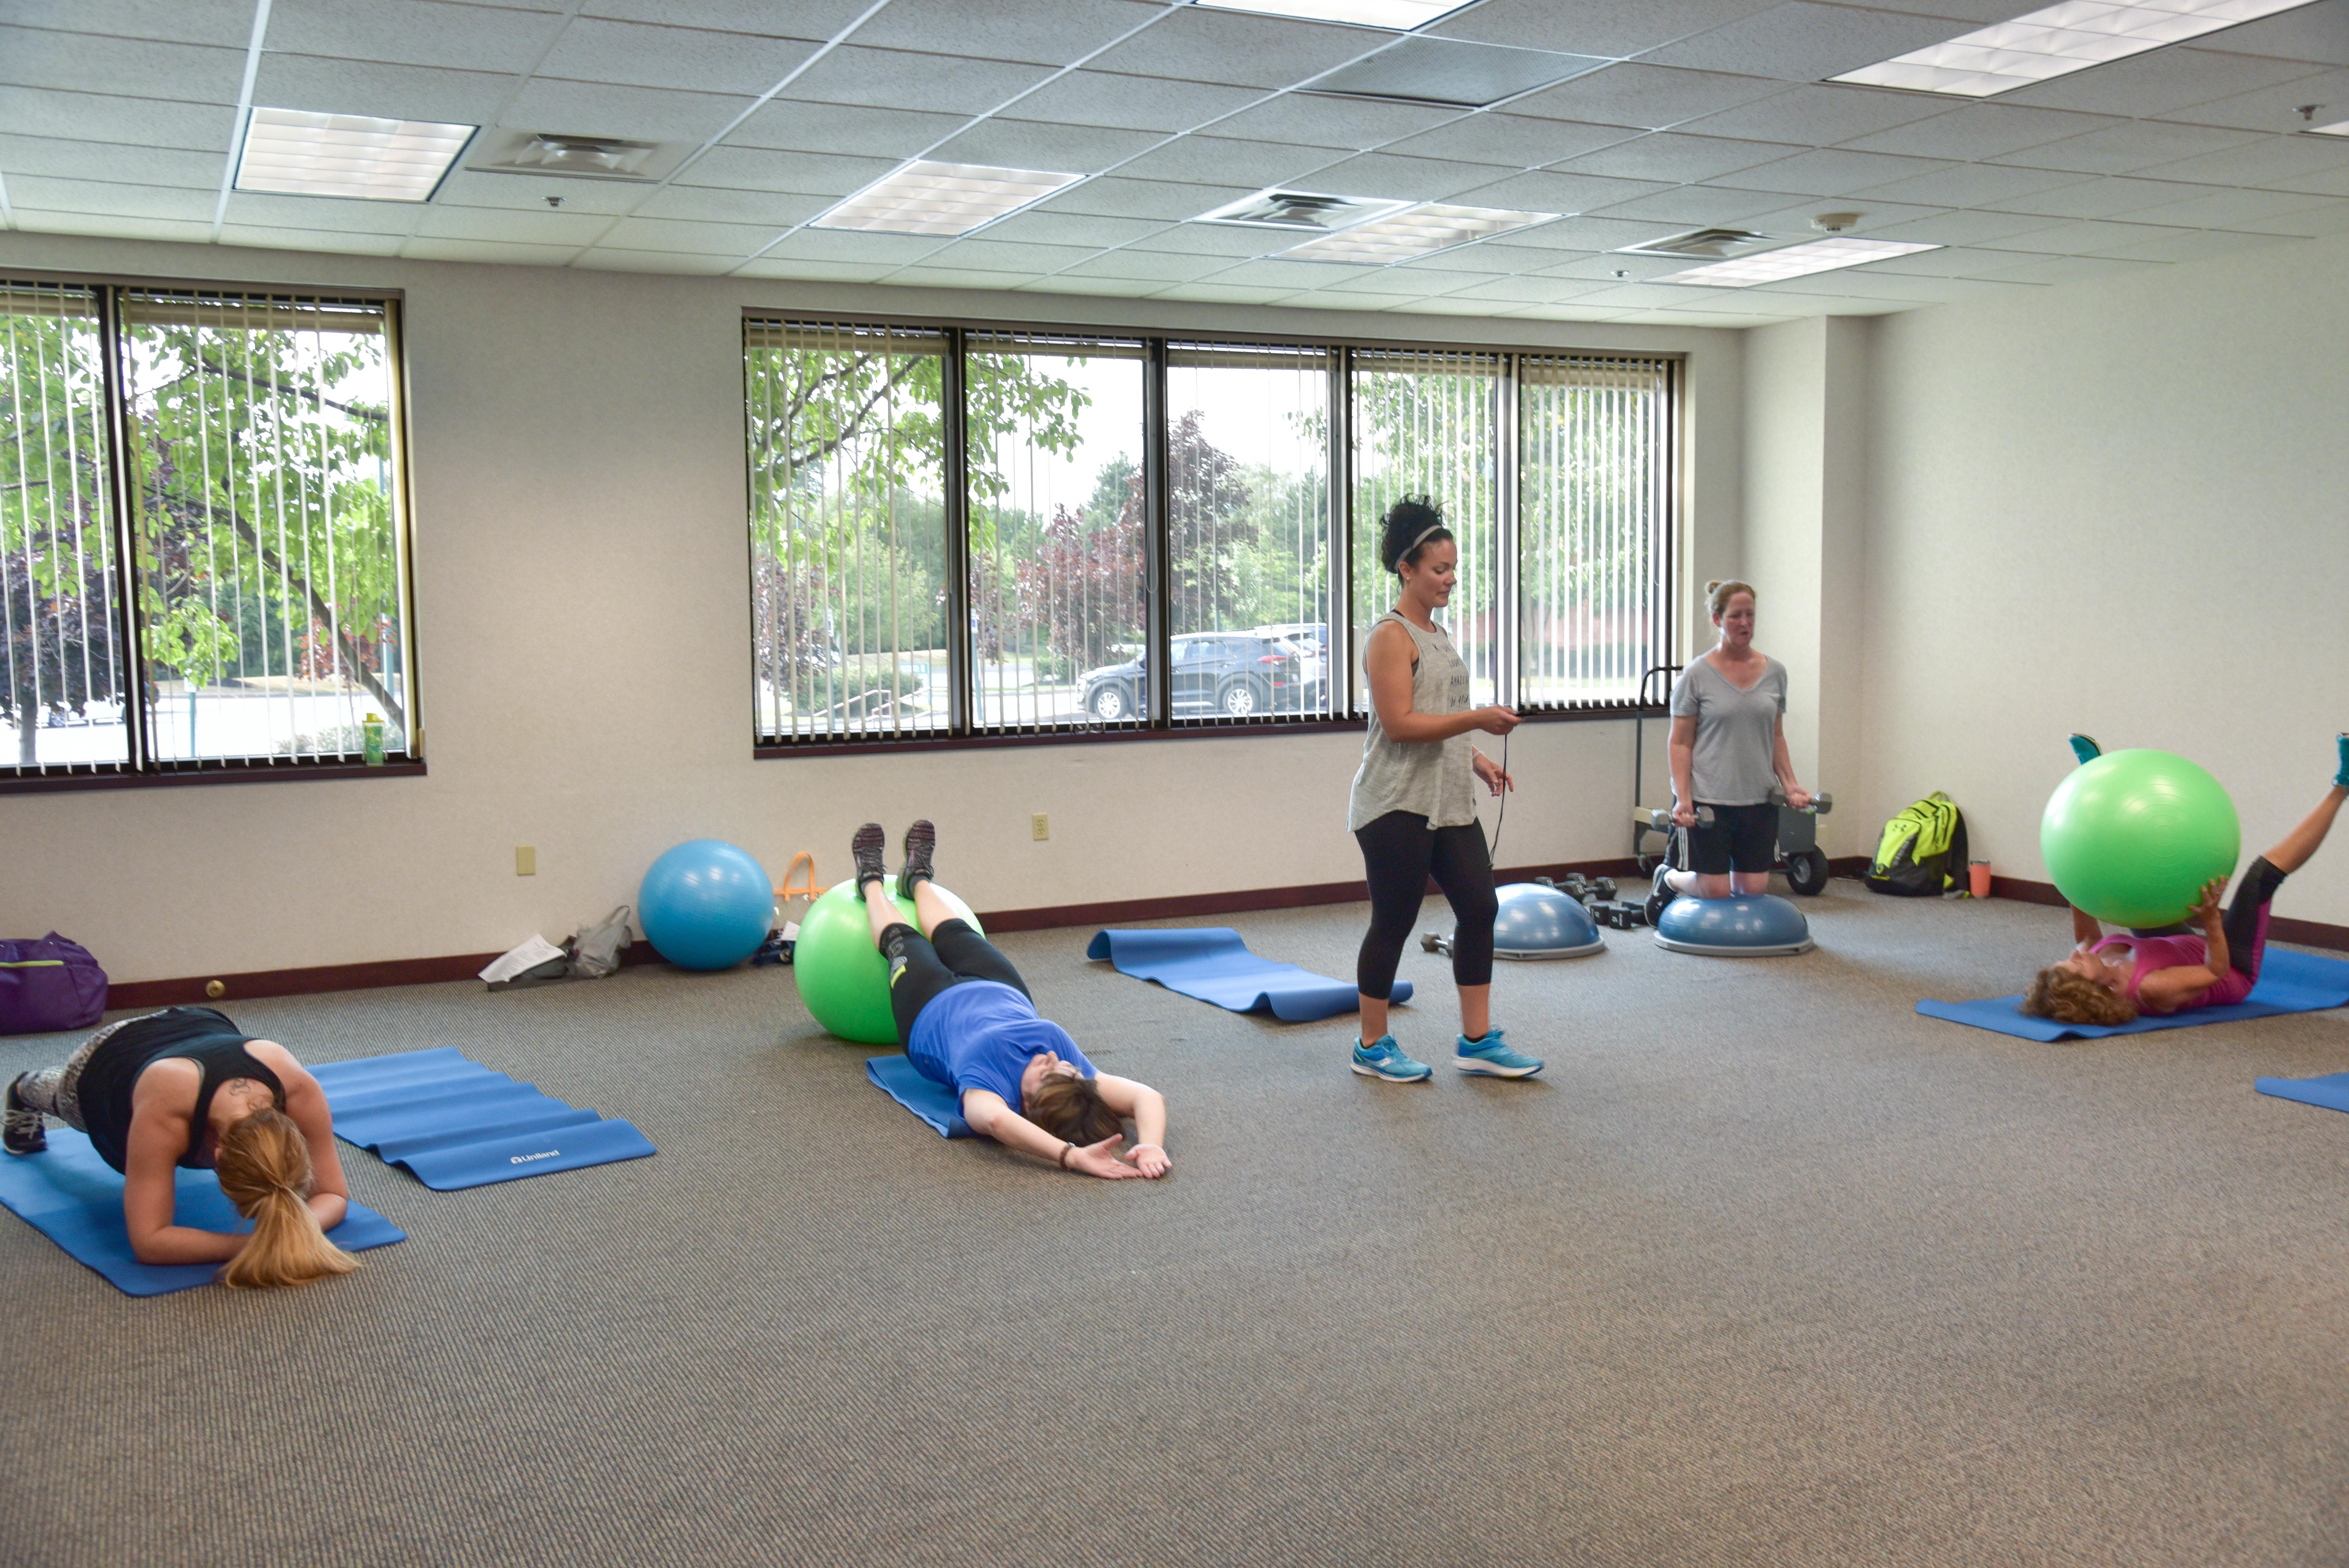 Uniland Wellness Studio